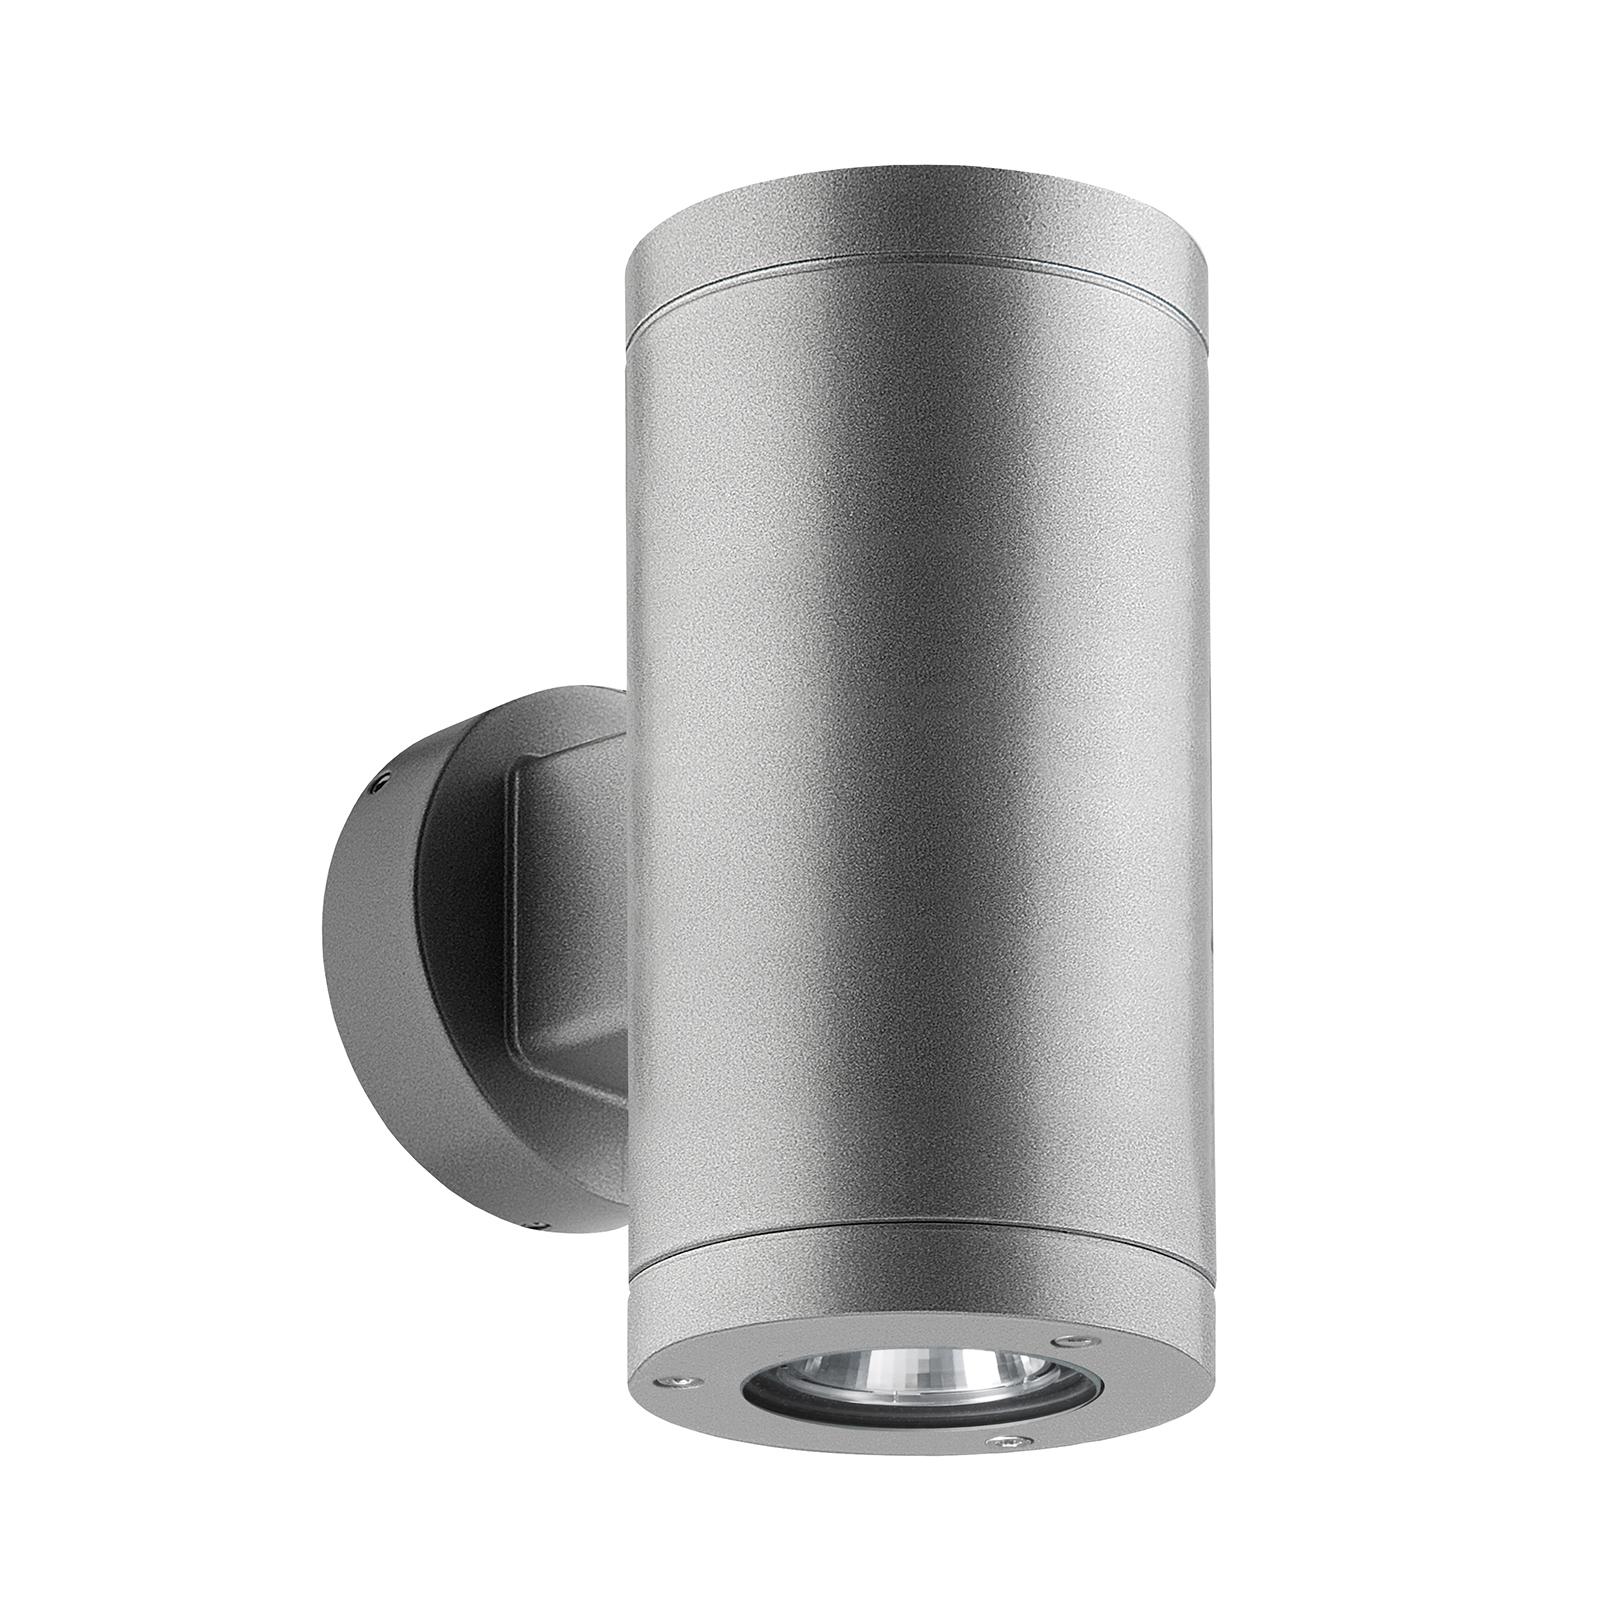 LED-ulkoseinälamppu 1067 up/down, hopea 54°/54°